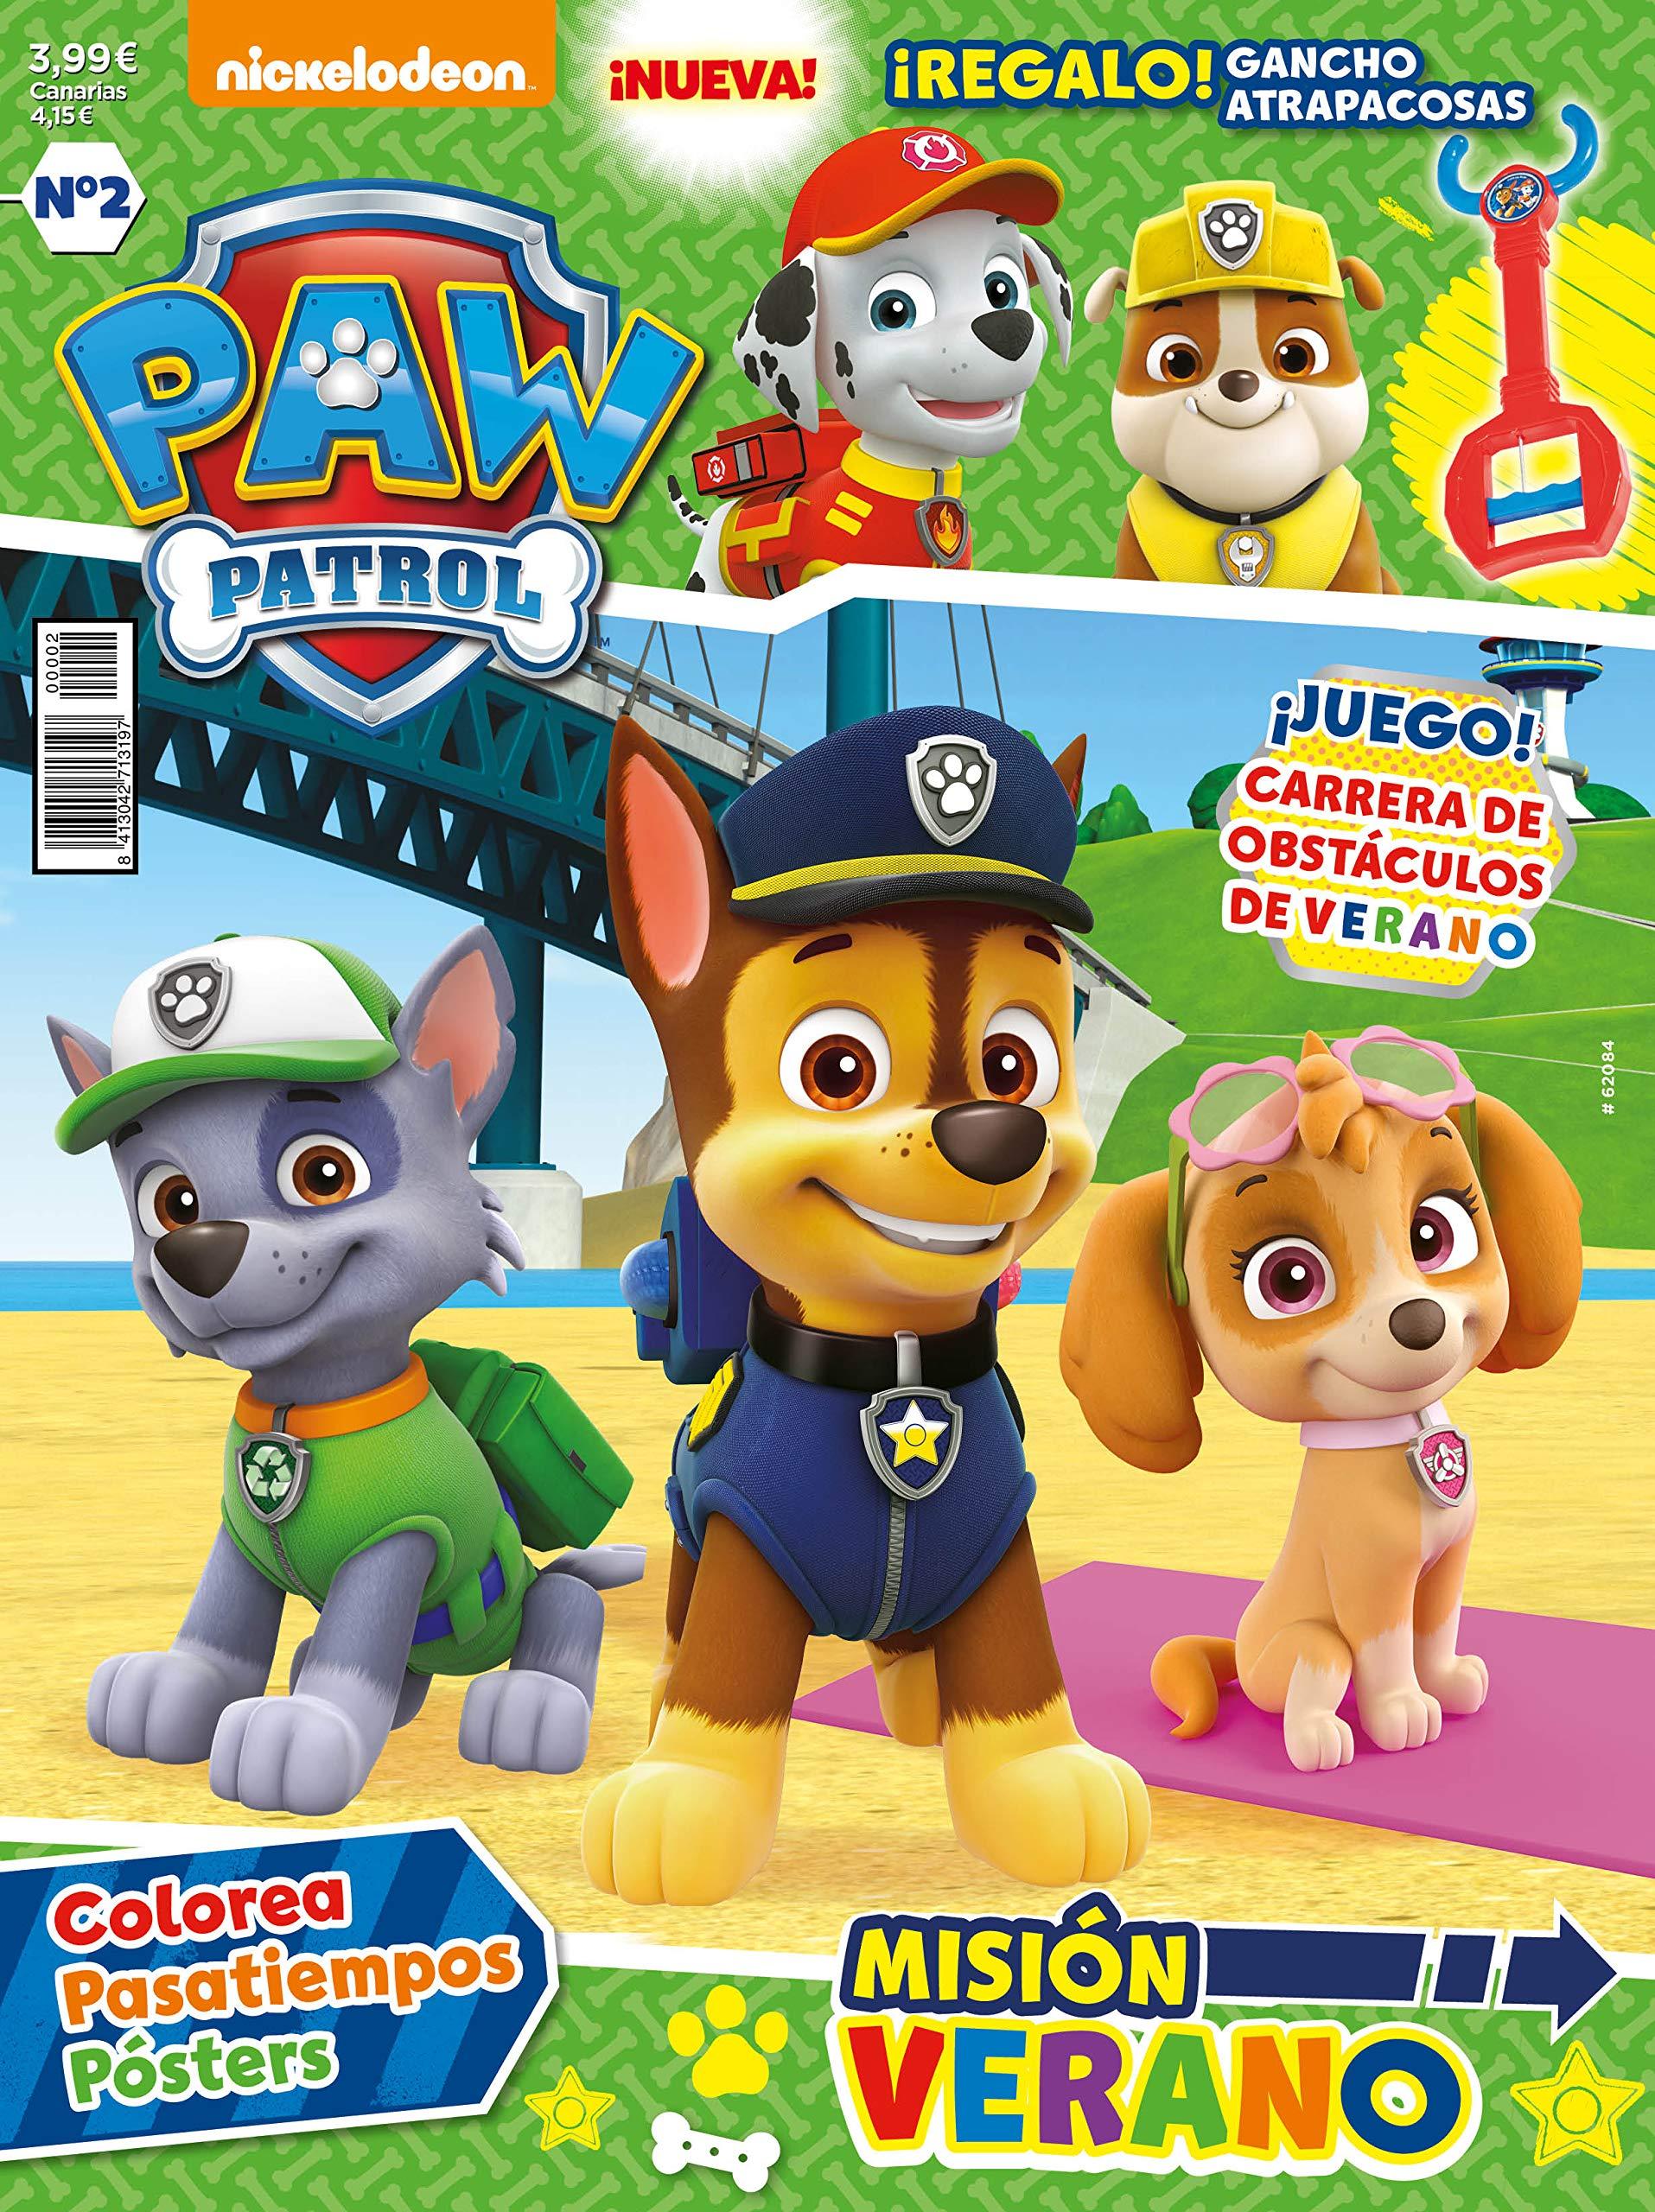 Patrulla Canina - Revista + Accesorio: Amazon.es: Vv.Aa, Vv.Aa: Libros